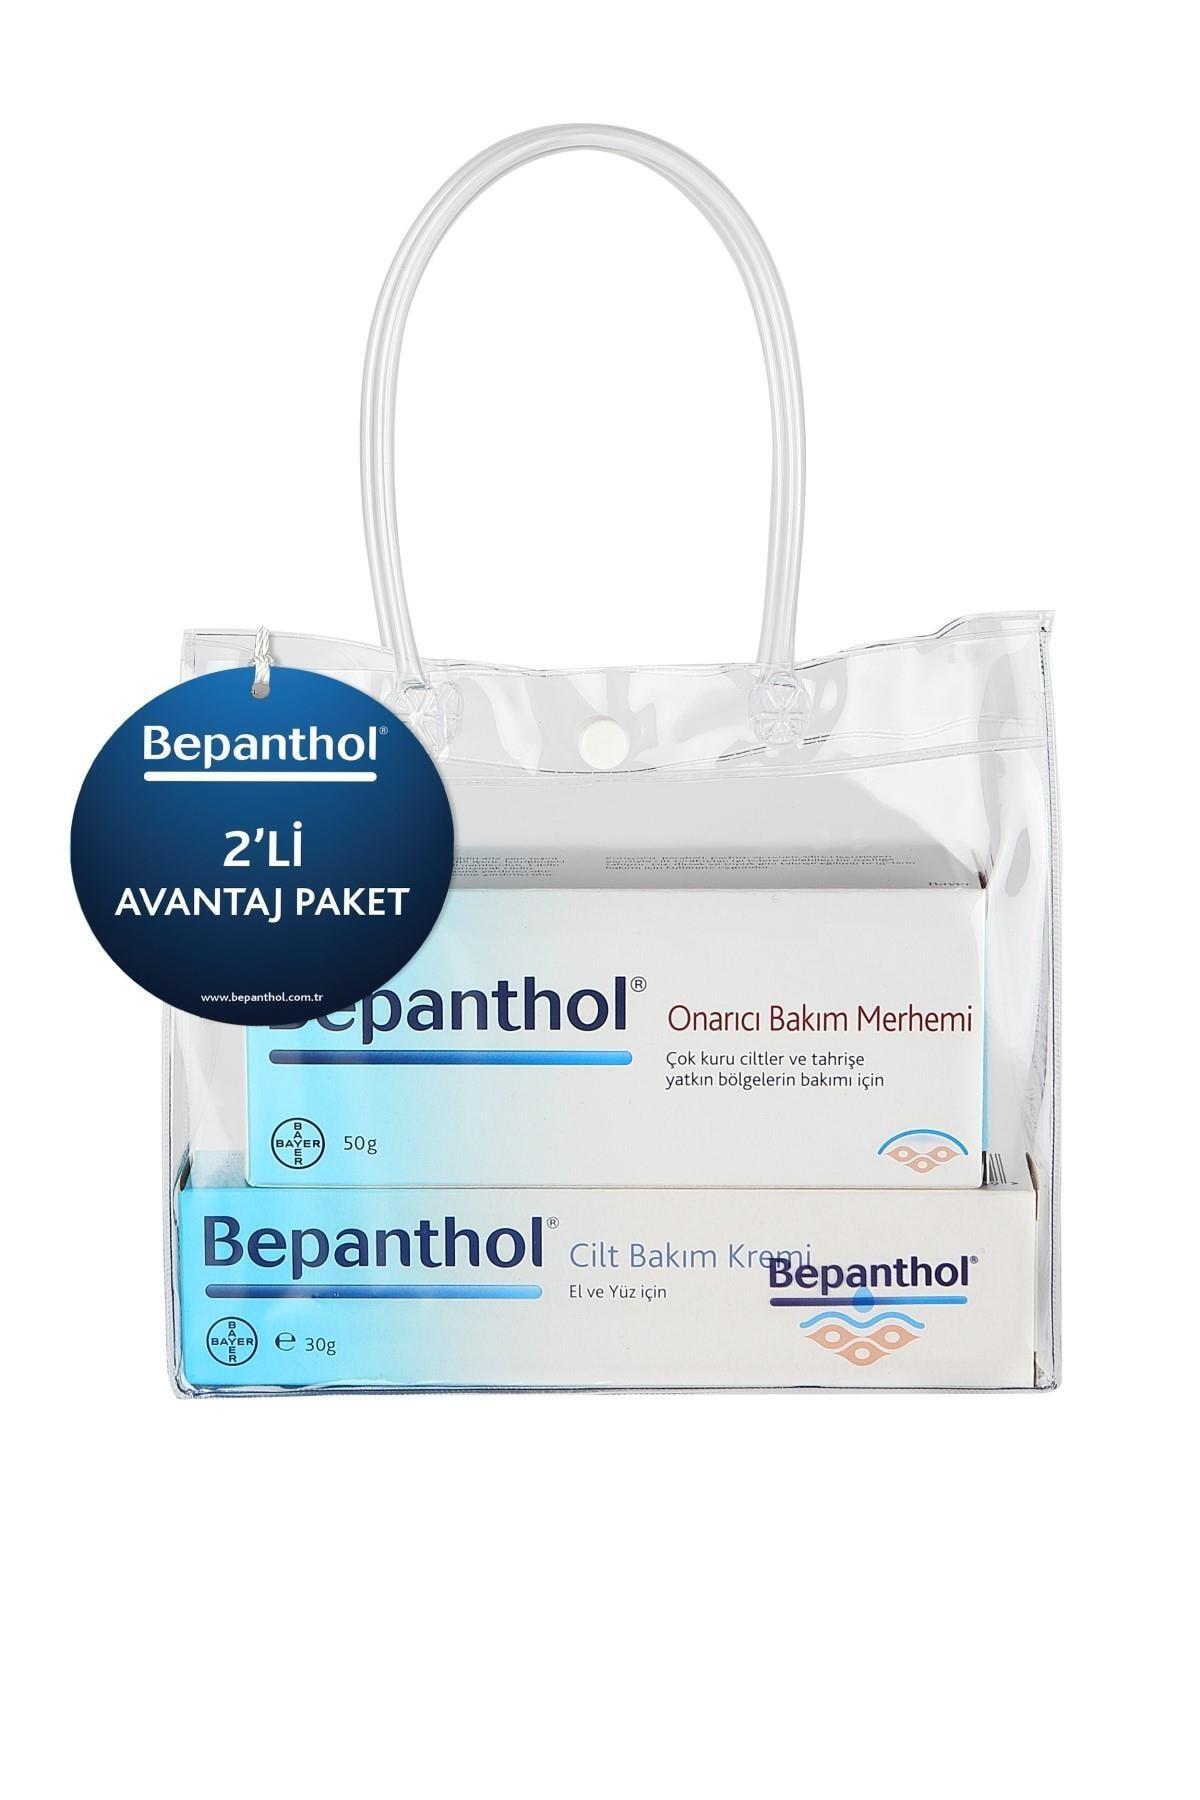 Bepanthol Onarıcı Bakım Kremi 50 g + Cilt Bakım Kremi 30 g 8699546358687 0